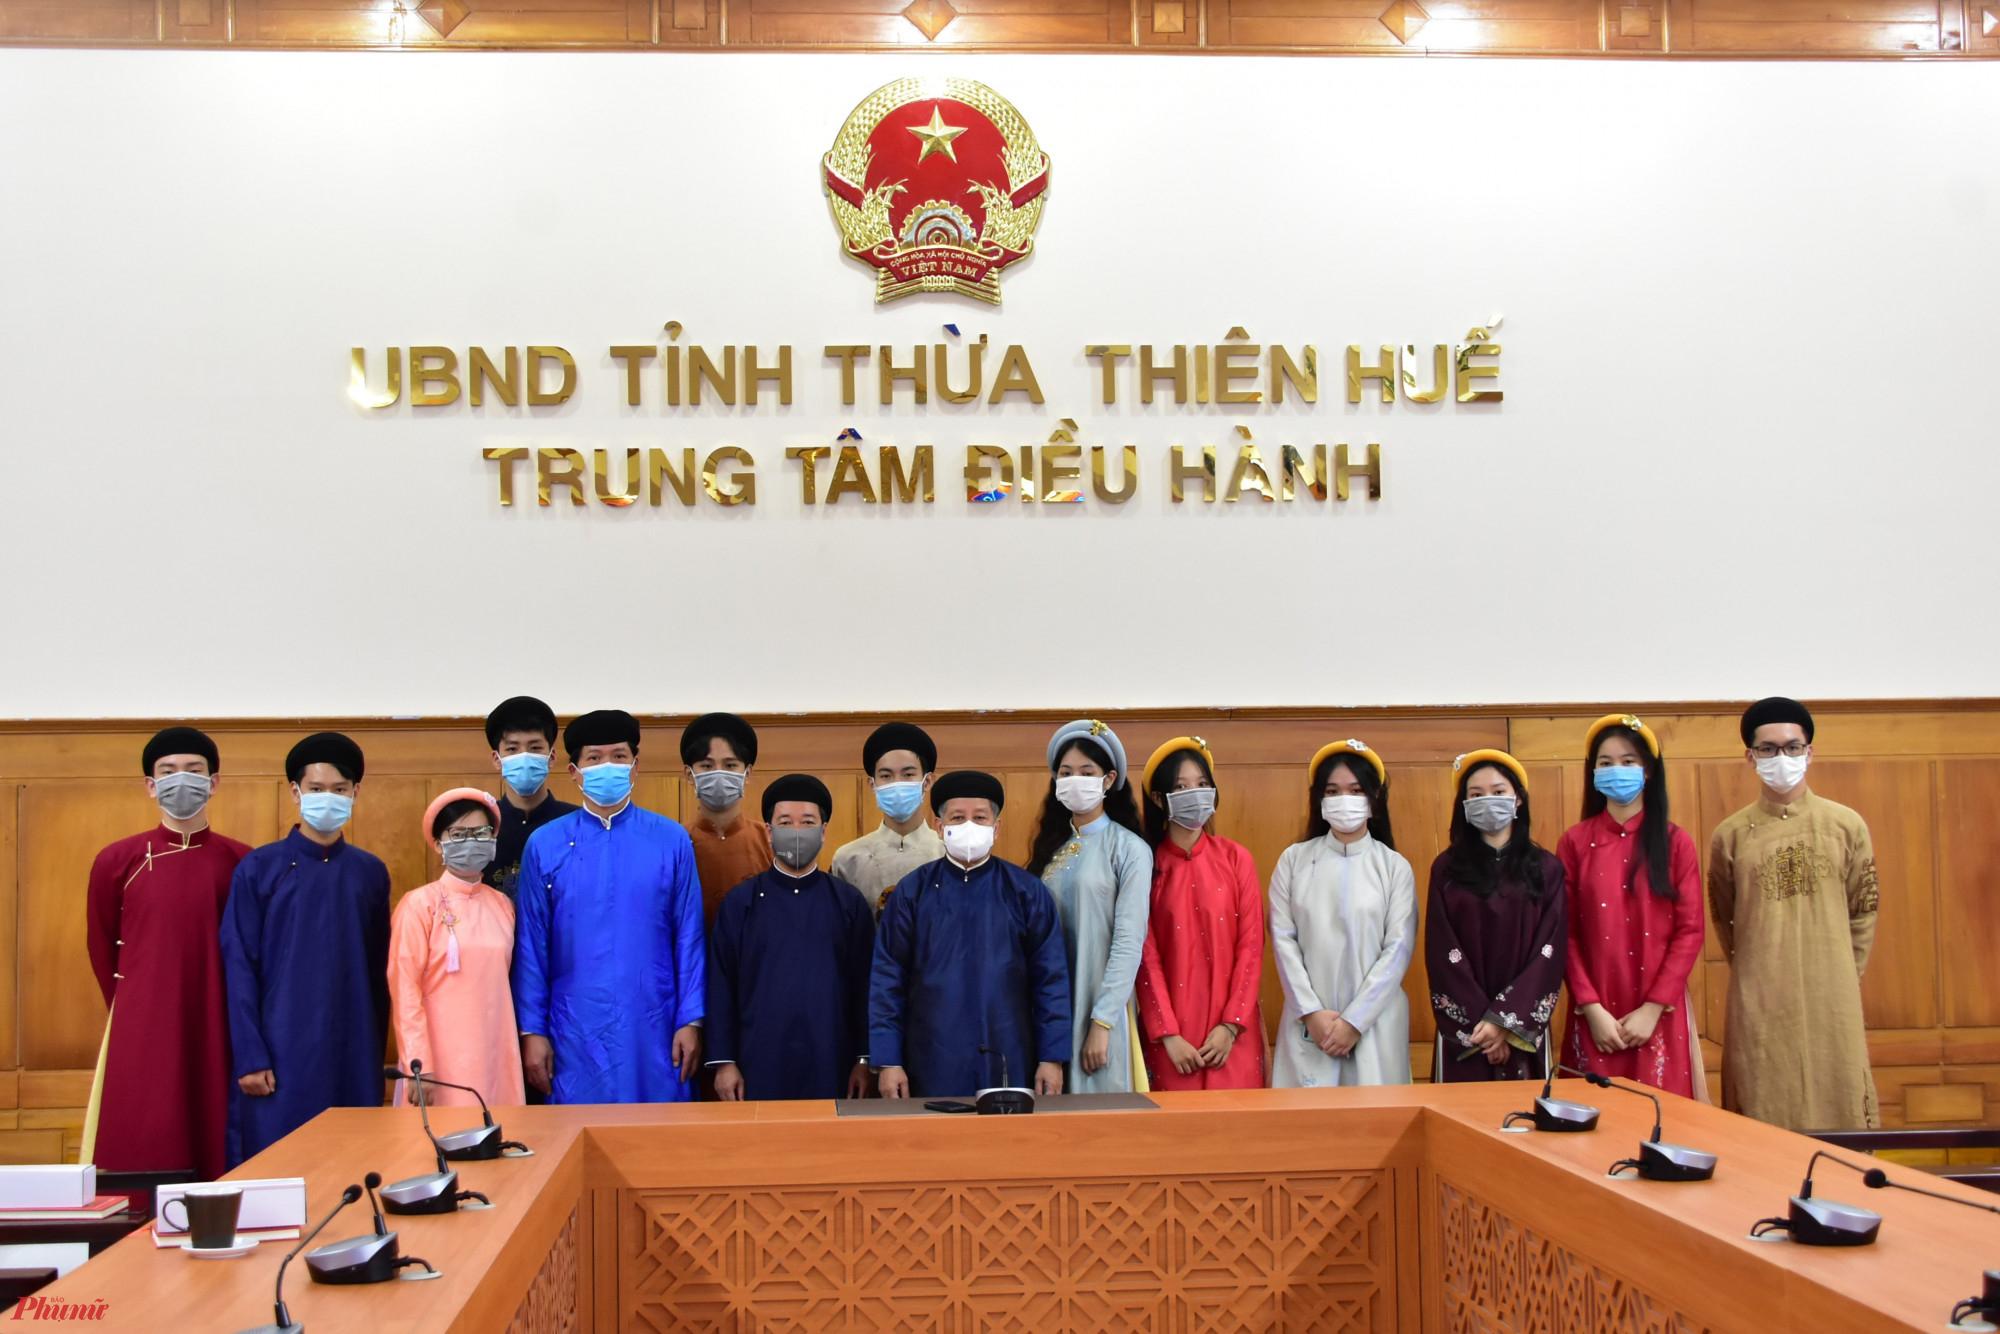 Ông Phan Ngọc Thọ dẫn học sinh tham quan Trung tâm điều hành tại trụ sở UBND tỉnh